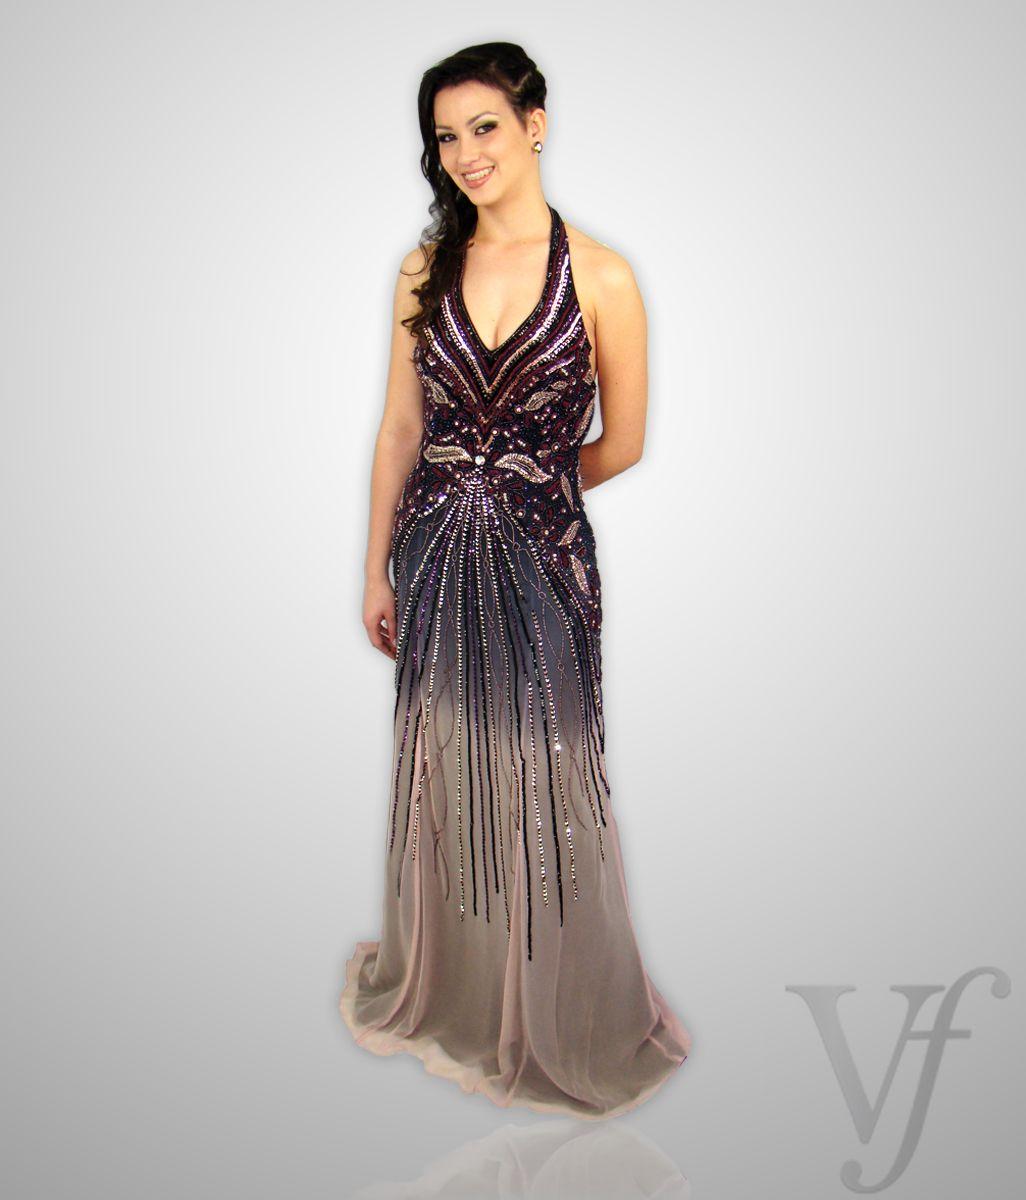 Vestido longo bordado comprar online